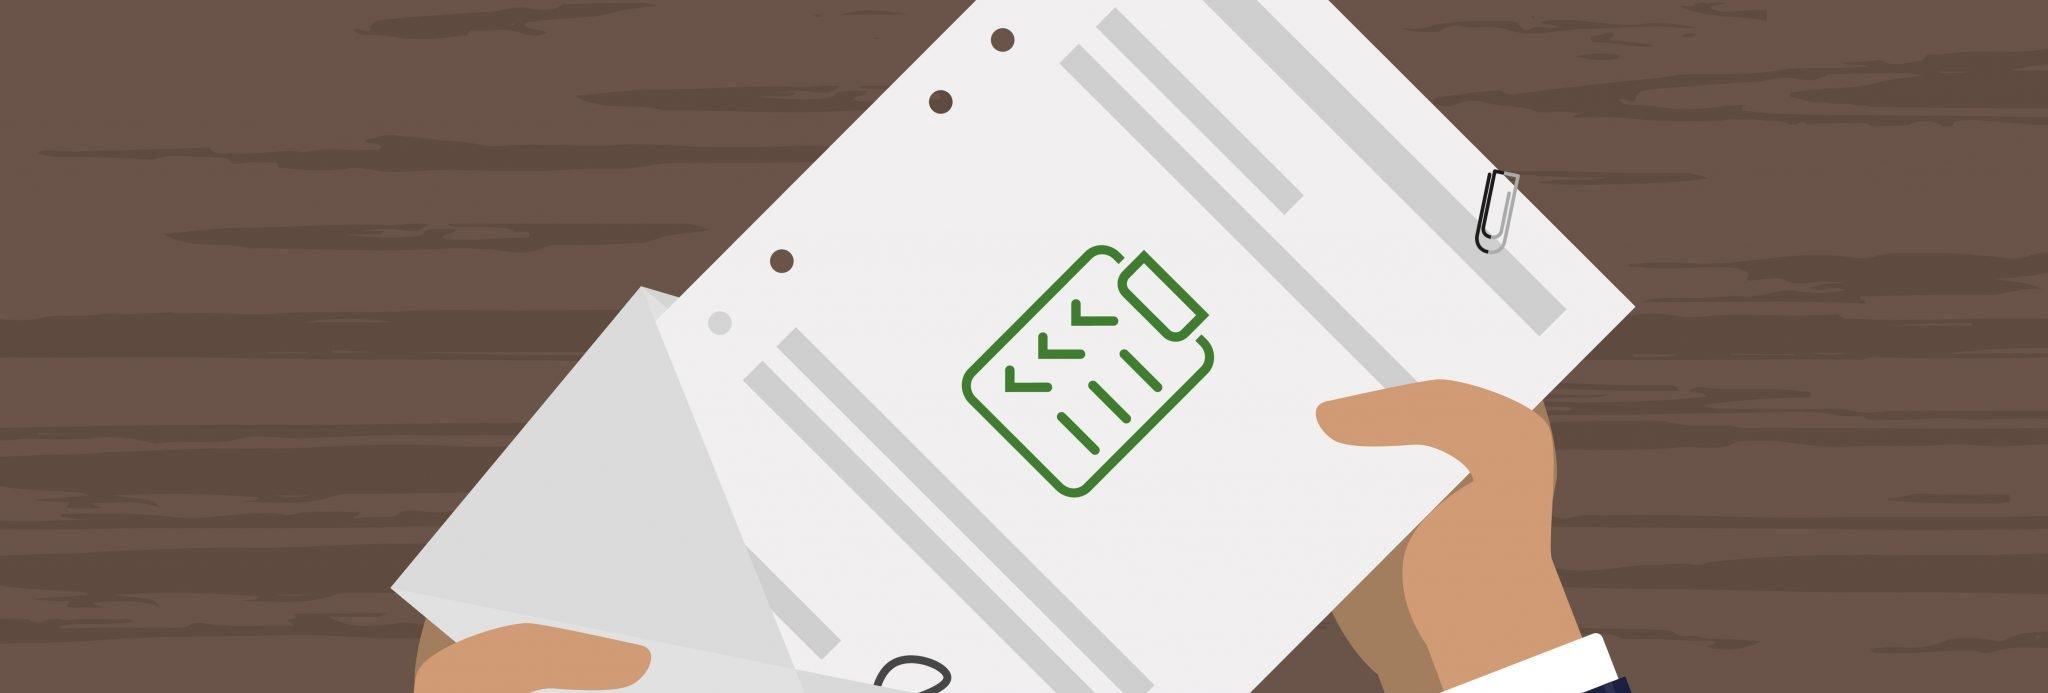 Symbolbild Flat Design: Anschreiben in Briefkuvert